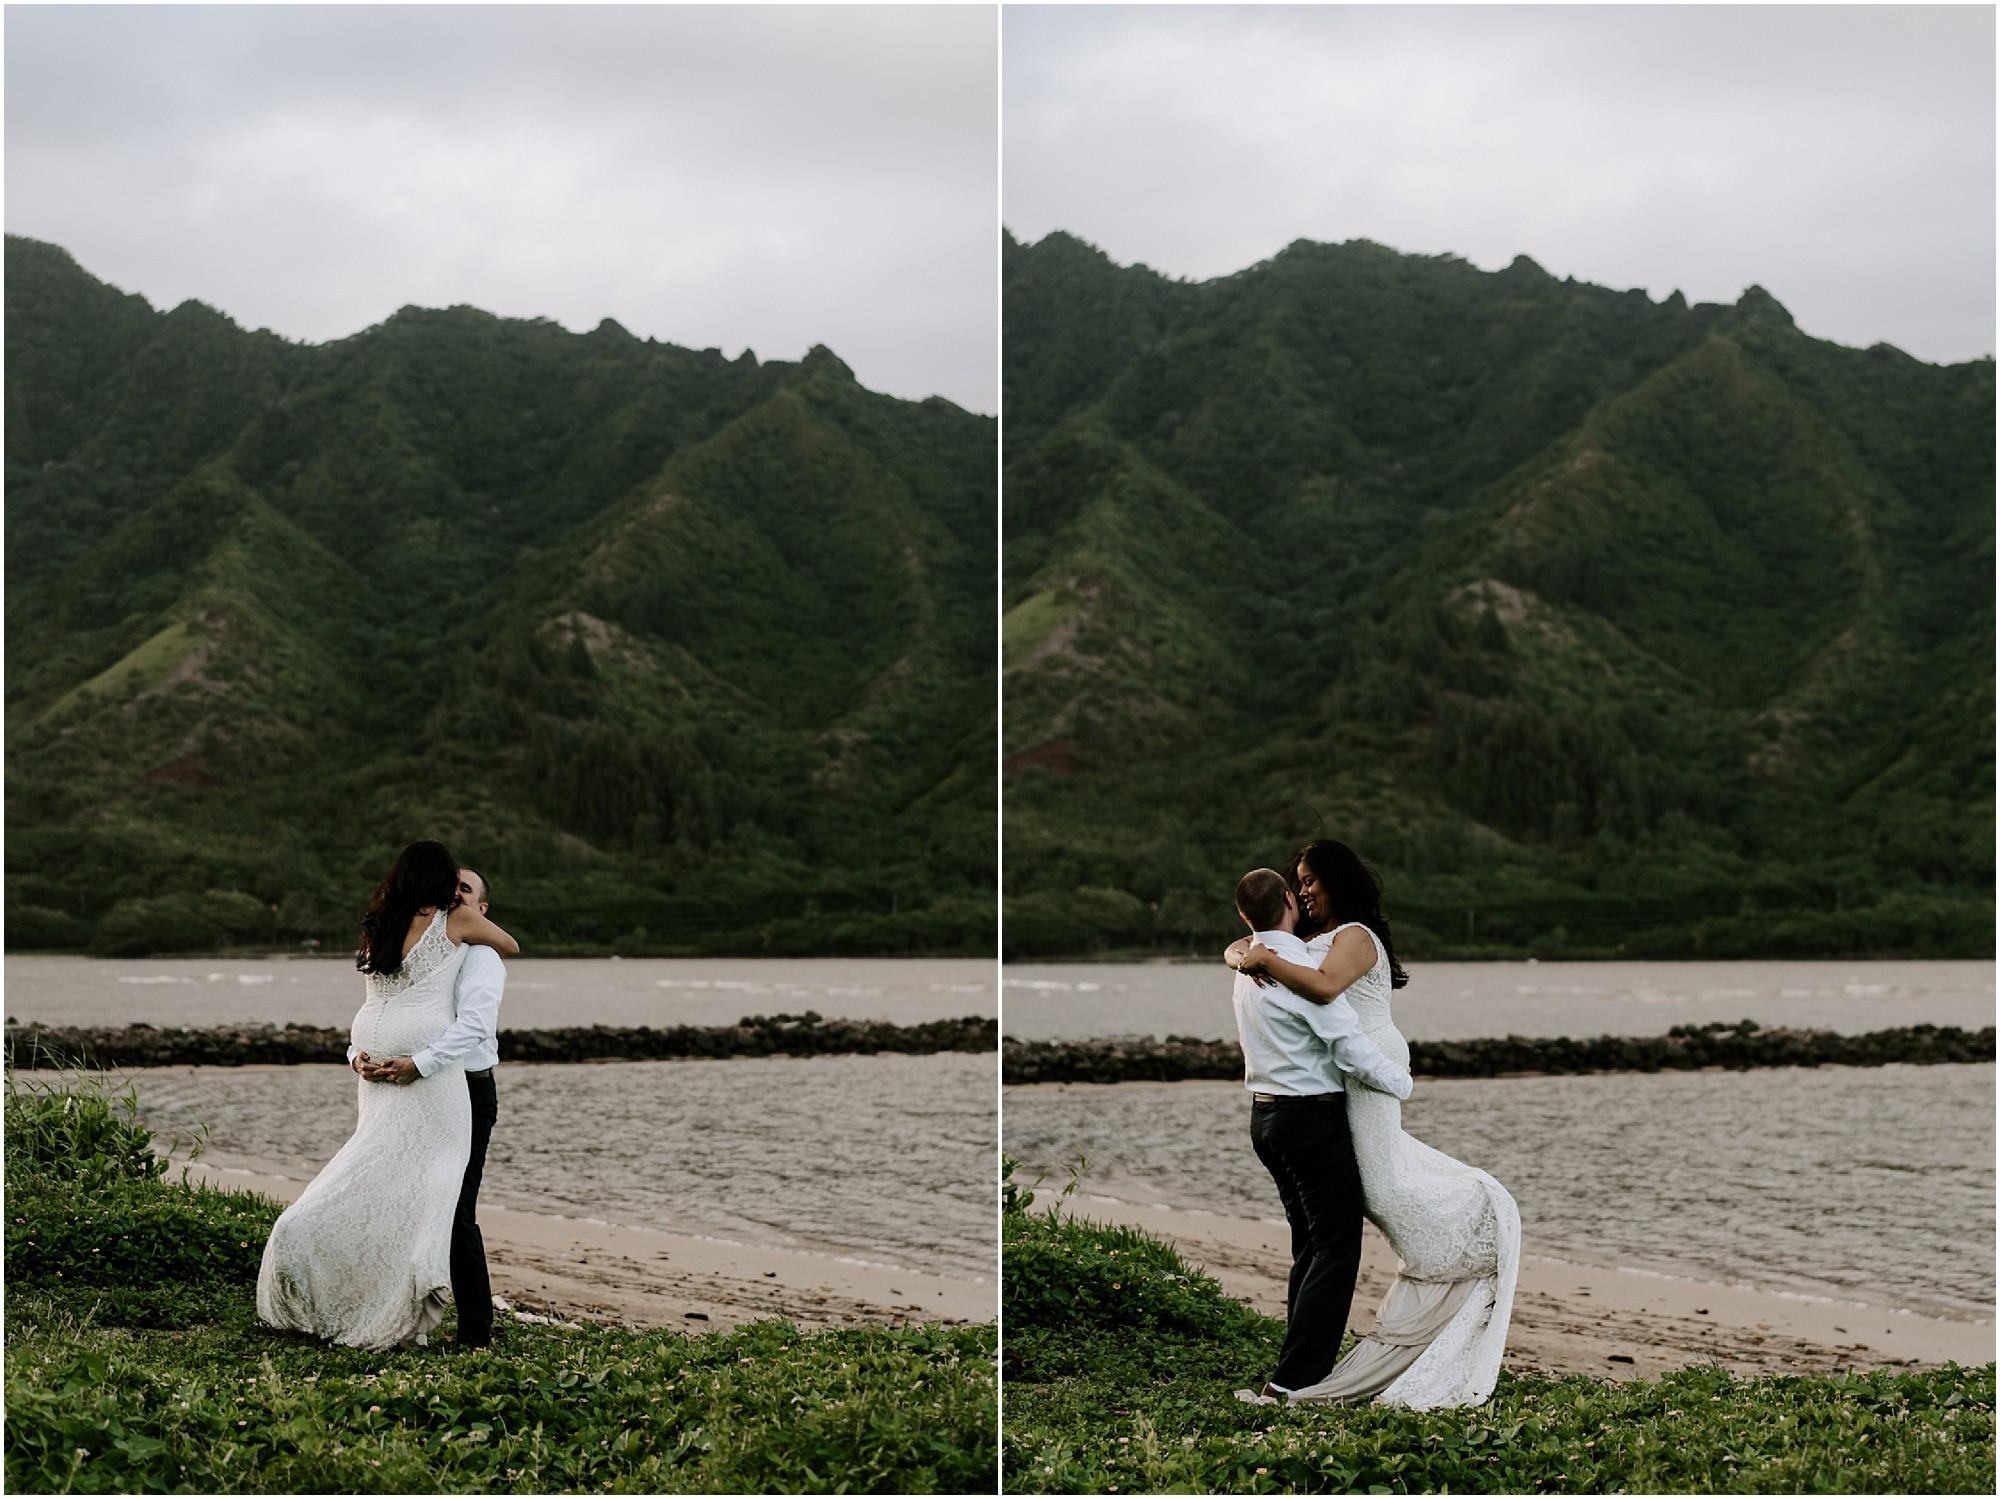 oahu-intimate-bridal-adventure-session_0015.jpg